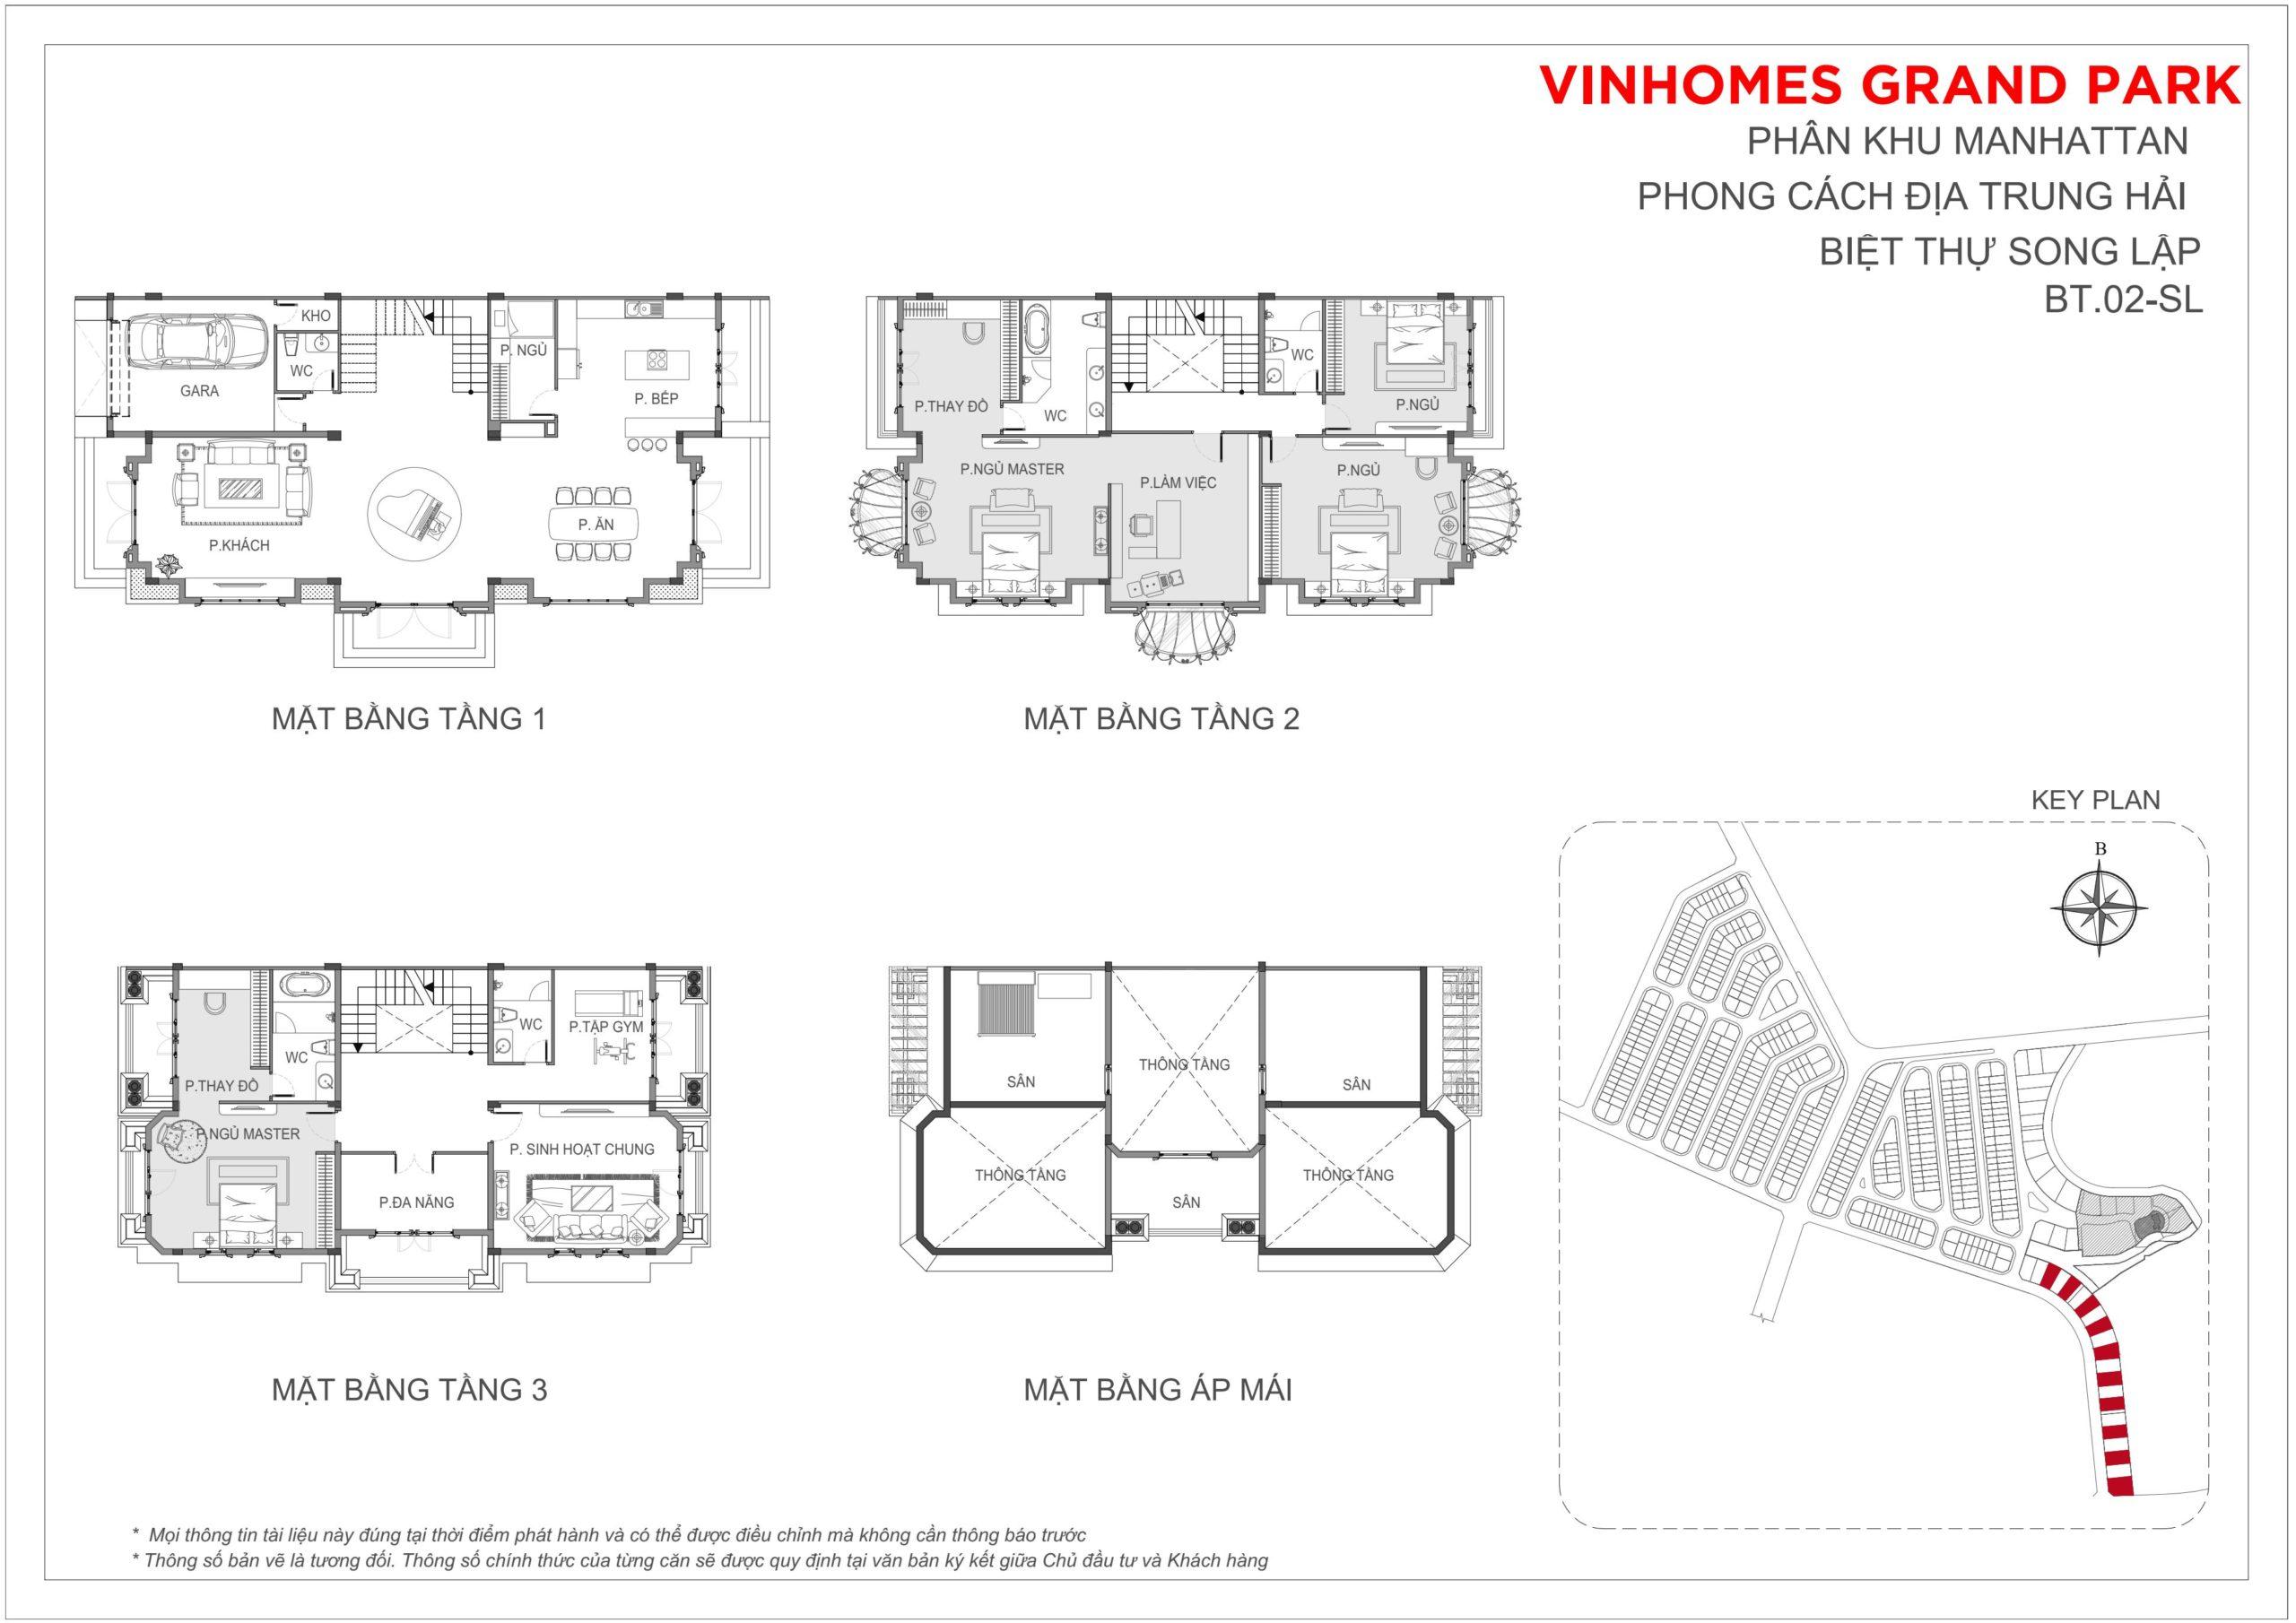 Mặt bằng thiết kế Biệt thự song lập The Manhattan Glory Vinhomes Grand Park, quận 9, TP HCM